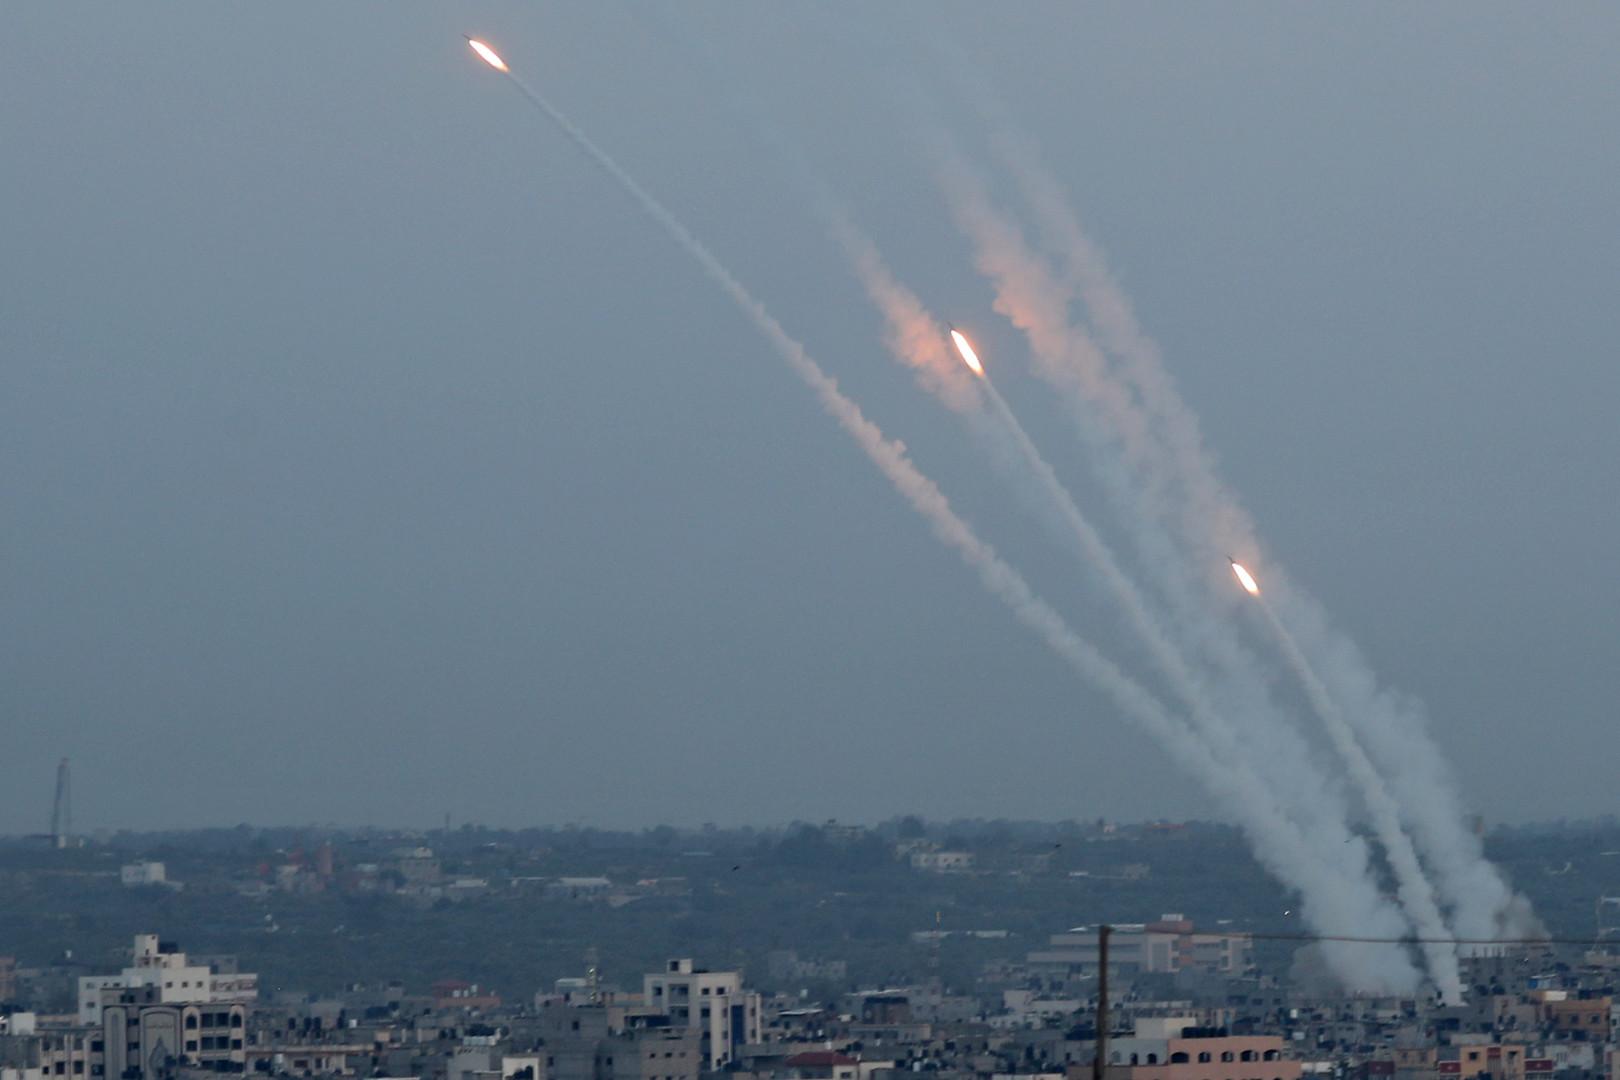 مصر وقطر تقودان جهدا للتهدئة في غزة والفصائل الفلسطينية تنفي التوصل لاتفاق وسط استمرار القتال